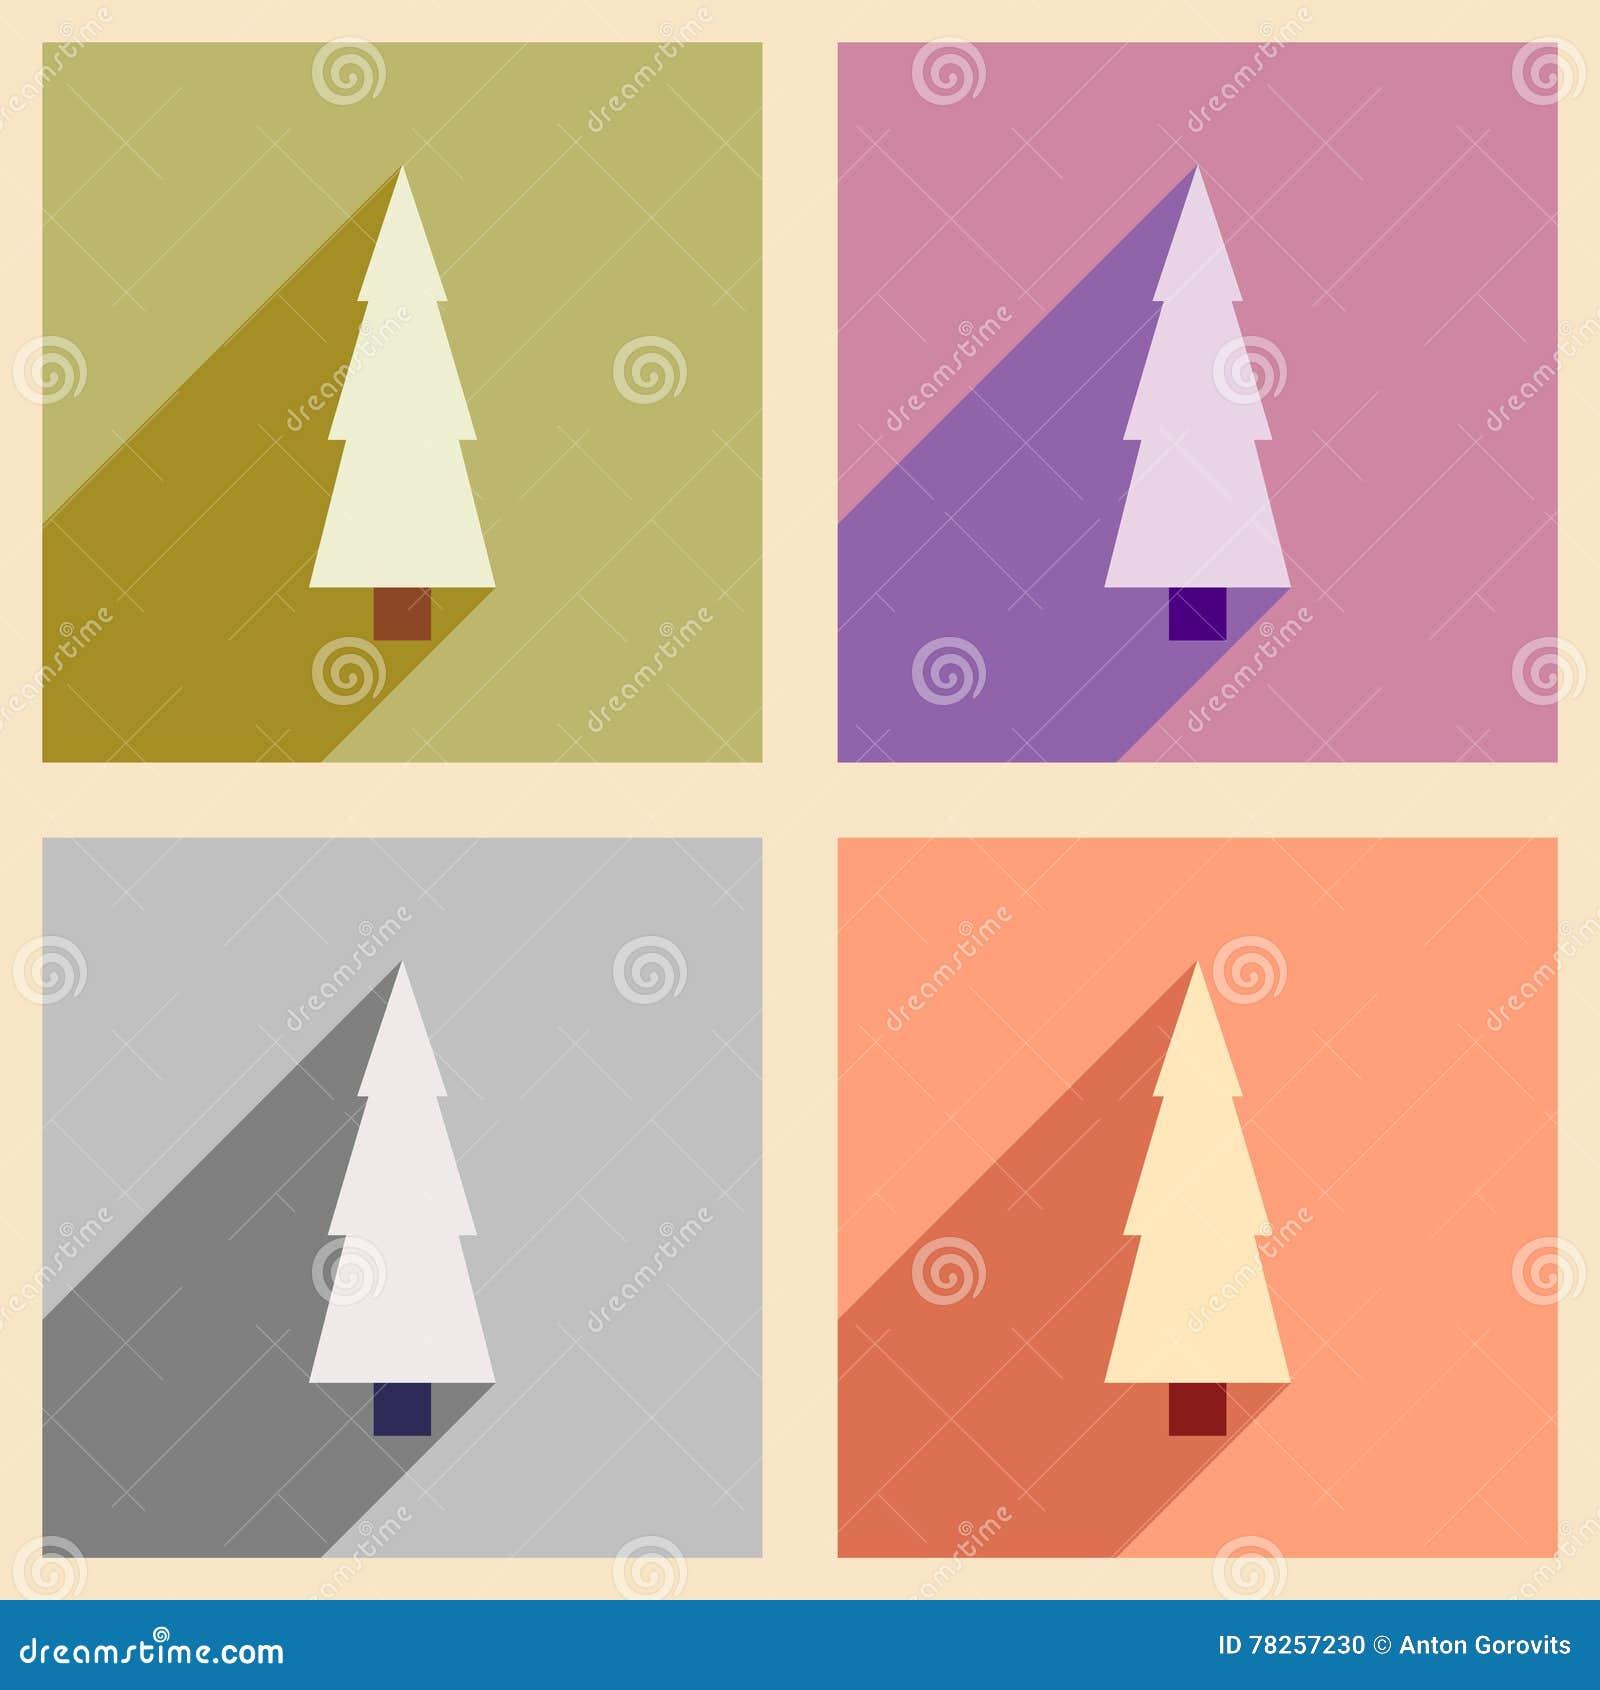 Καθορισμένα επίπεδα εικονίδια με το μακρύ χριστουγεννιάτικο δέντρο σκιών